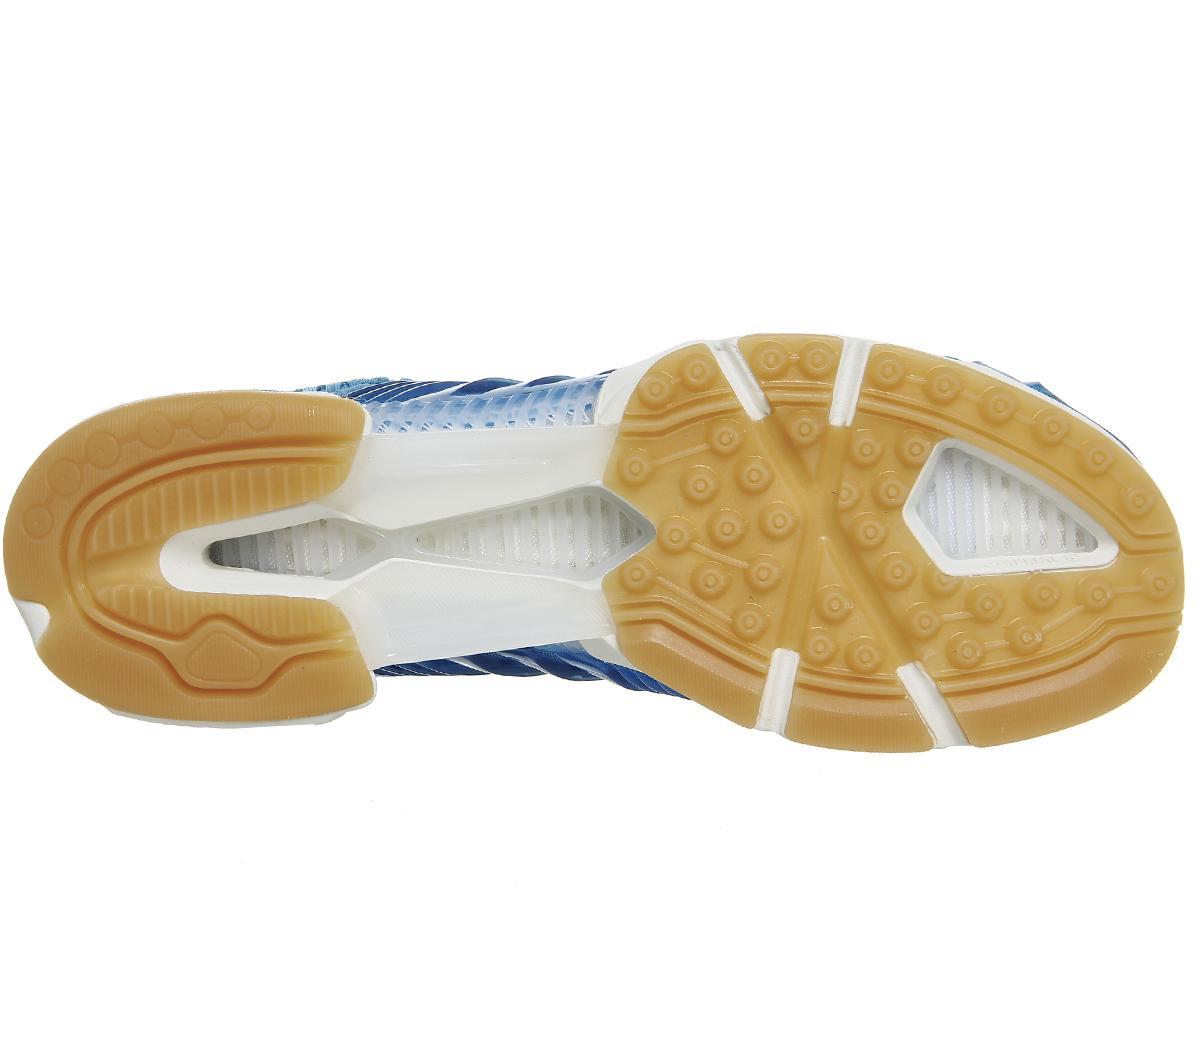 Adidas Climacool 1 Track Top Blau Offspring 20 Adidas